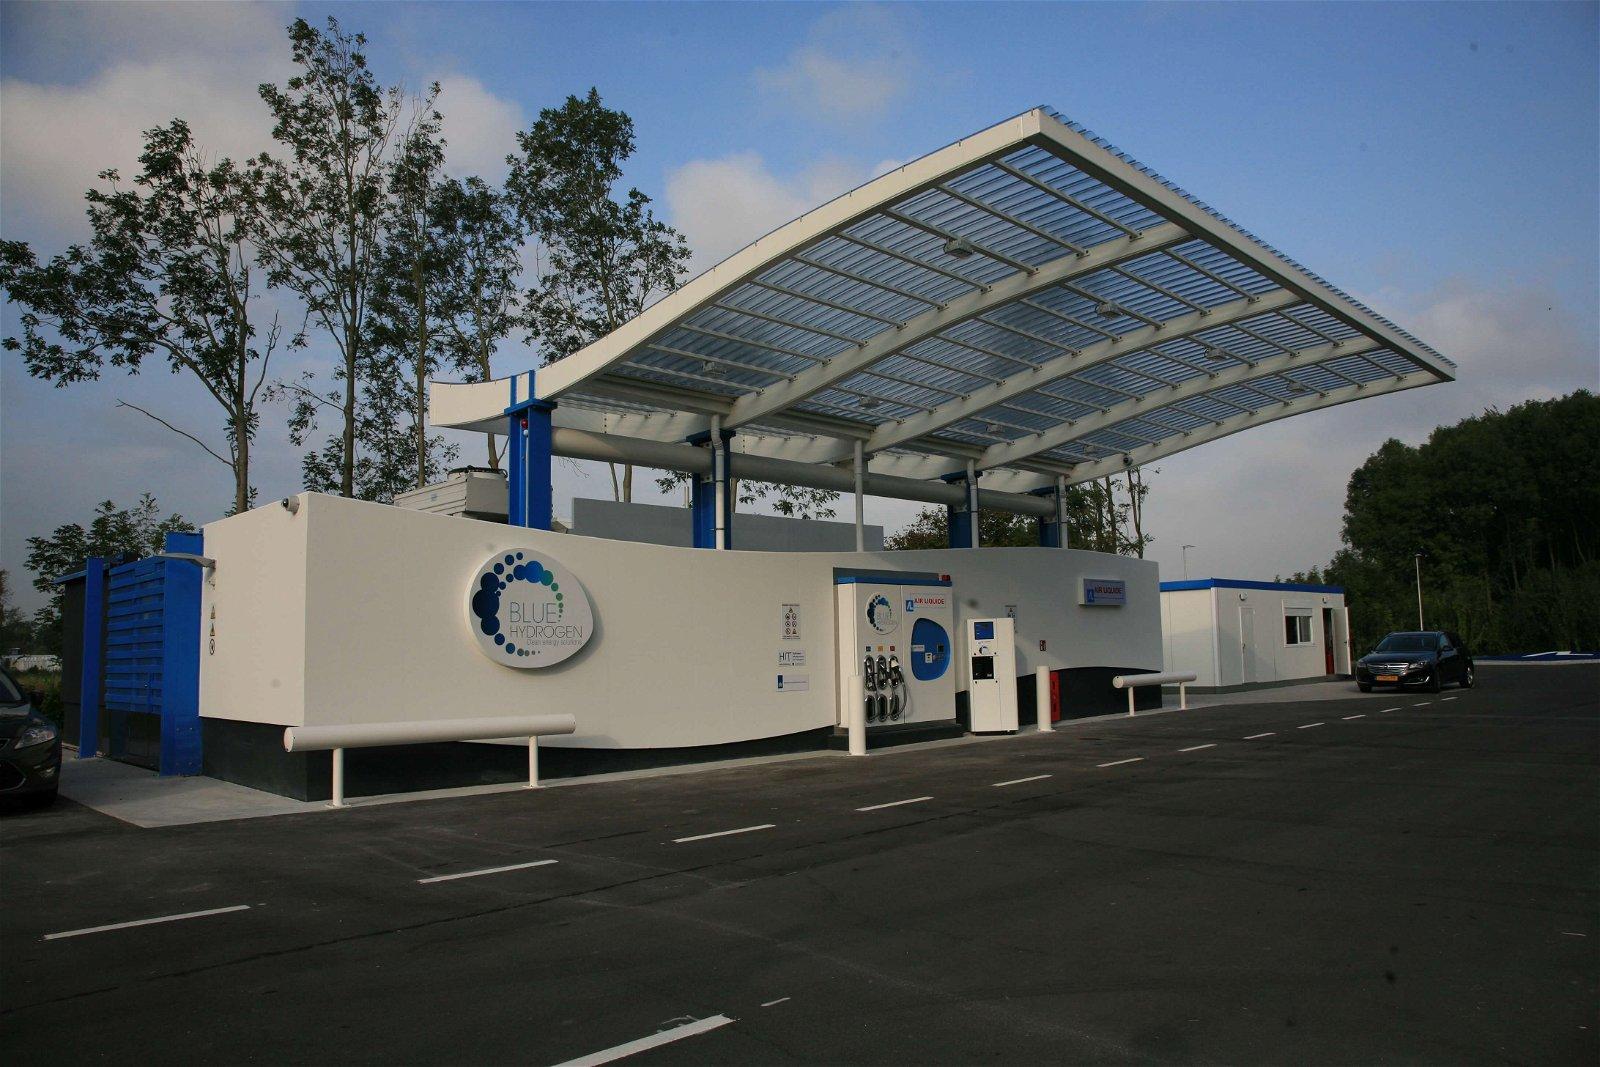 Waterstof tankstation Air Liquide Hoorn door Hoppenbrouwers Techniek